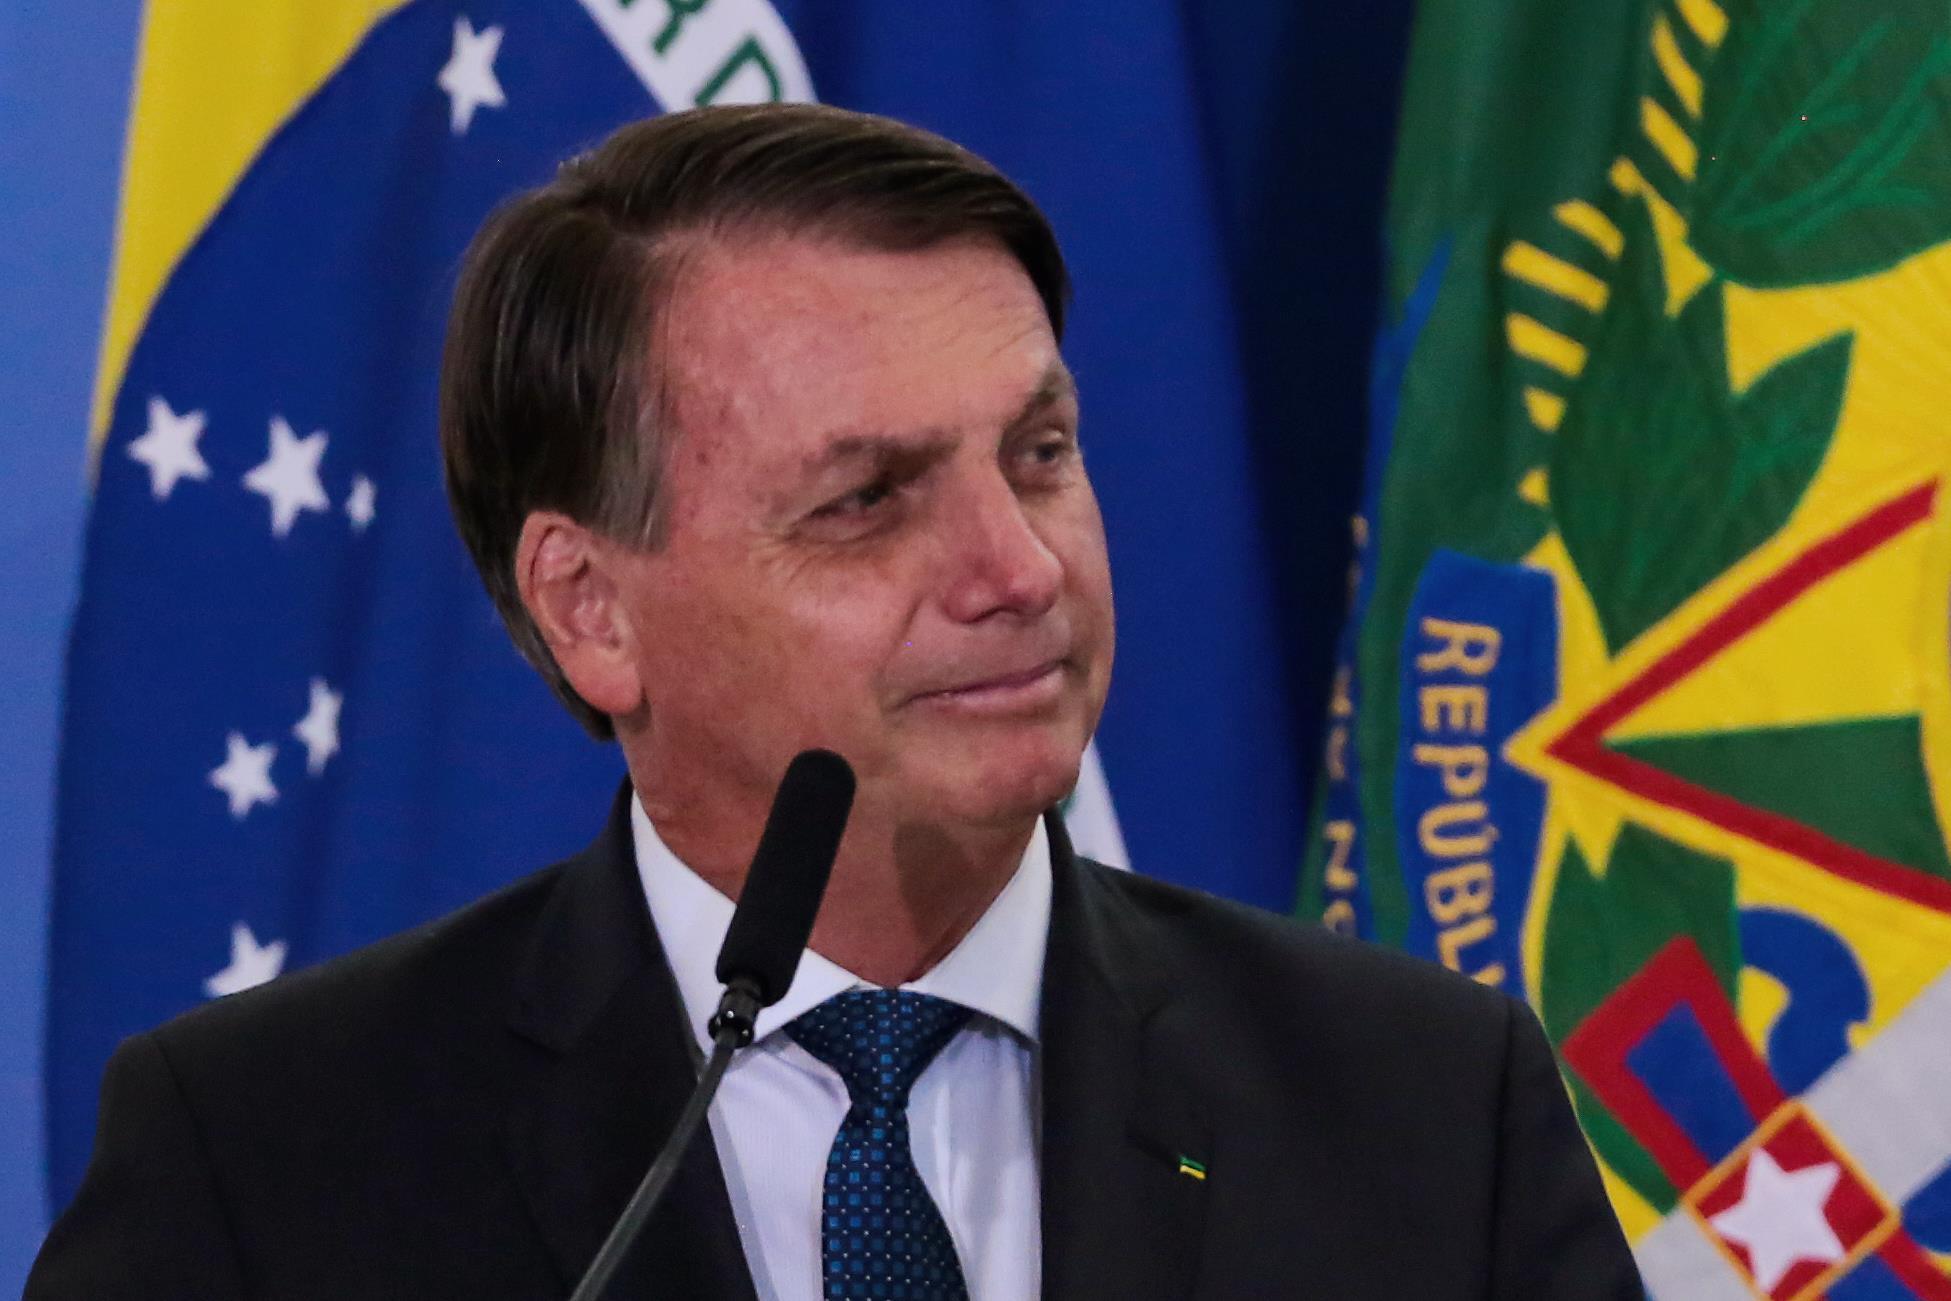 jair bolsonaro olhando para o lado de terno, atrás de um microfone e na frente de uma bandeira do brasil